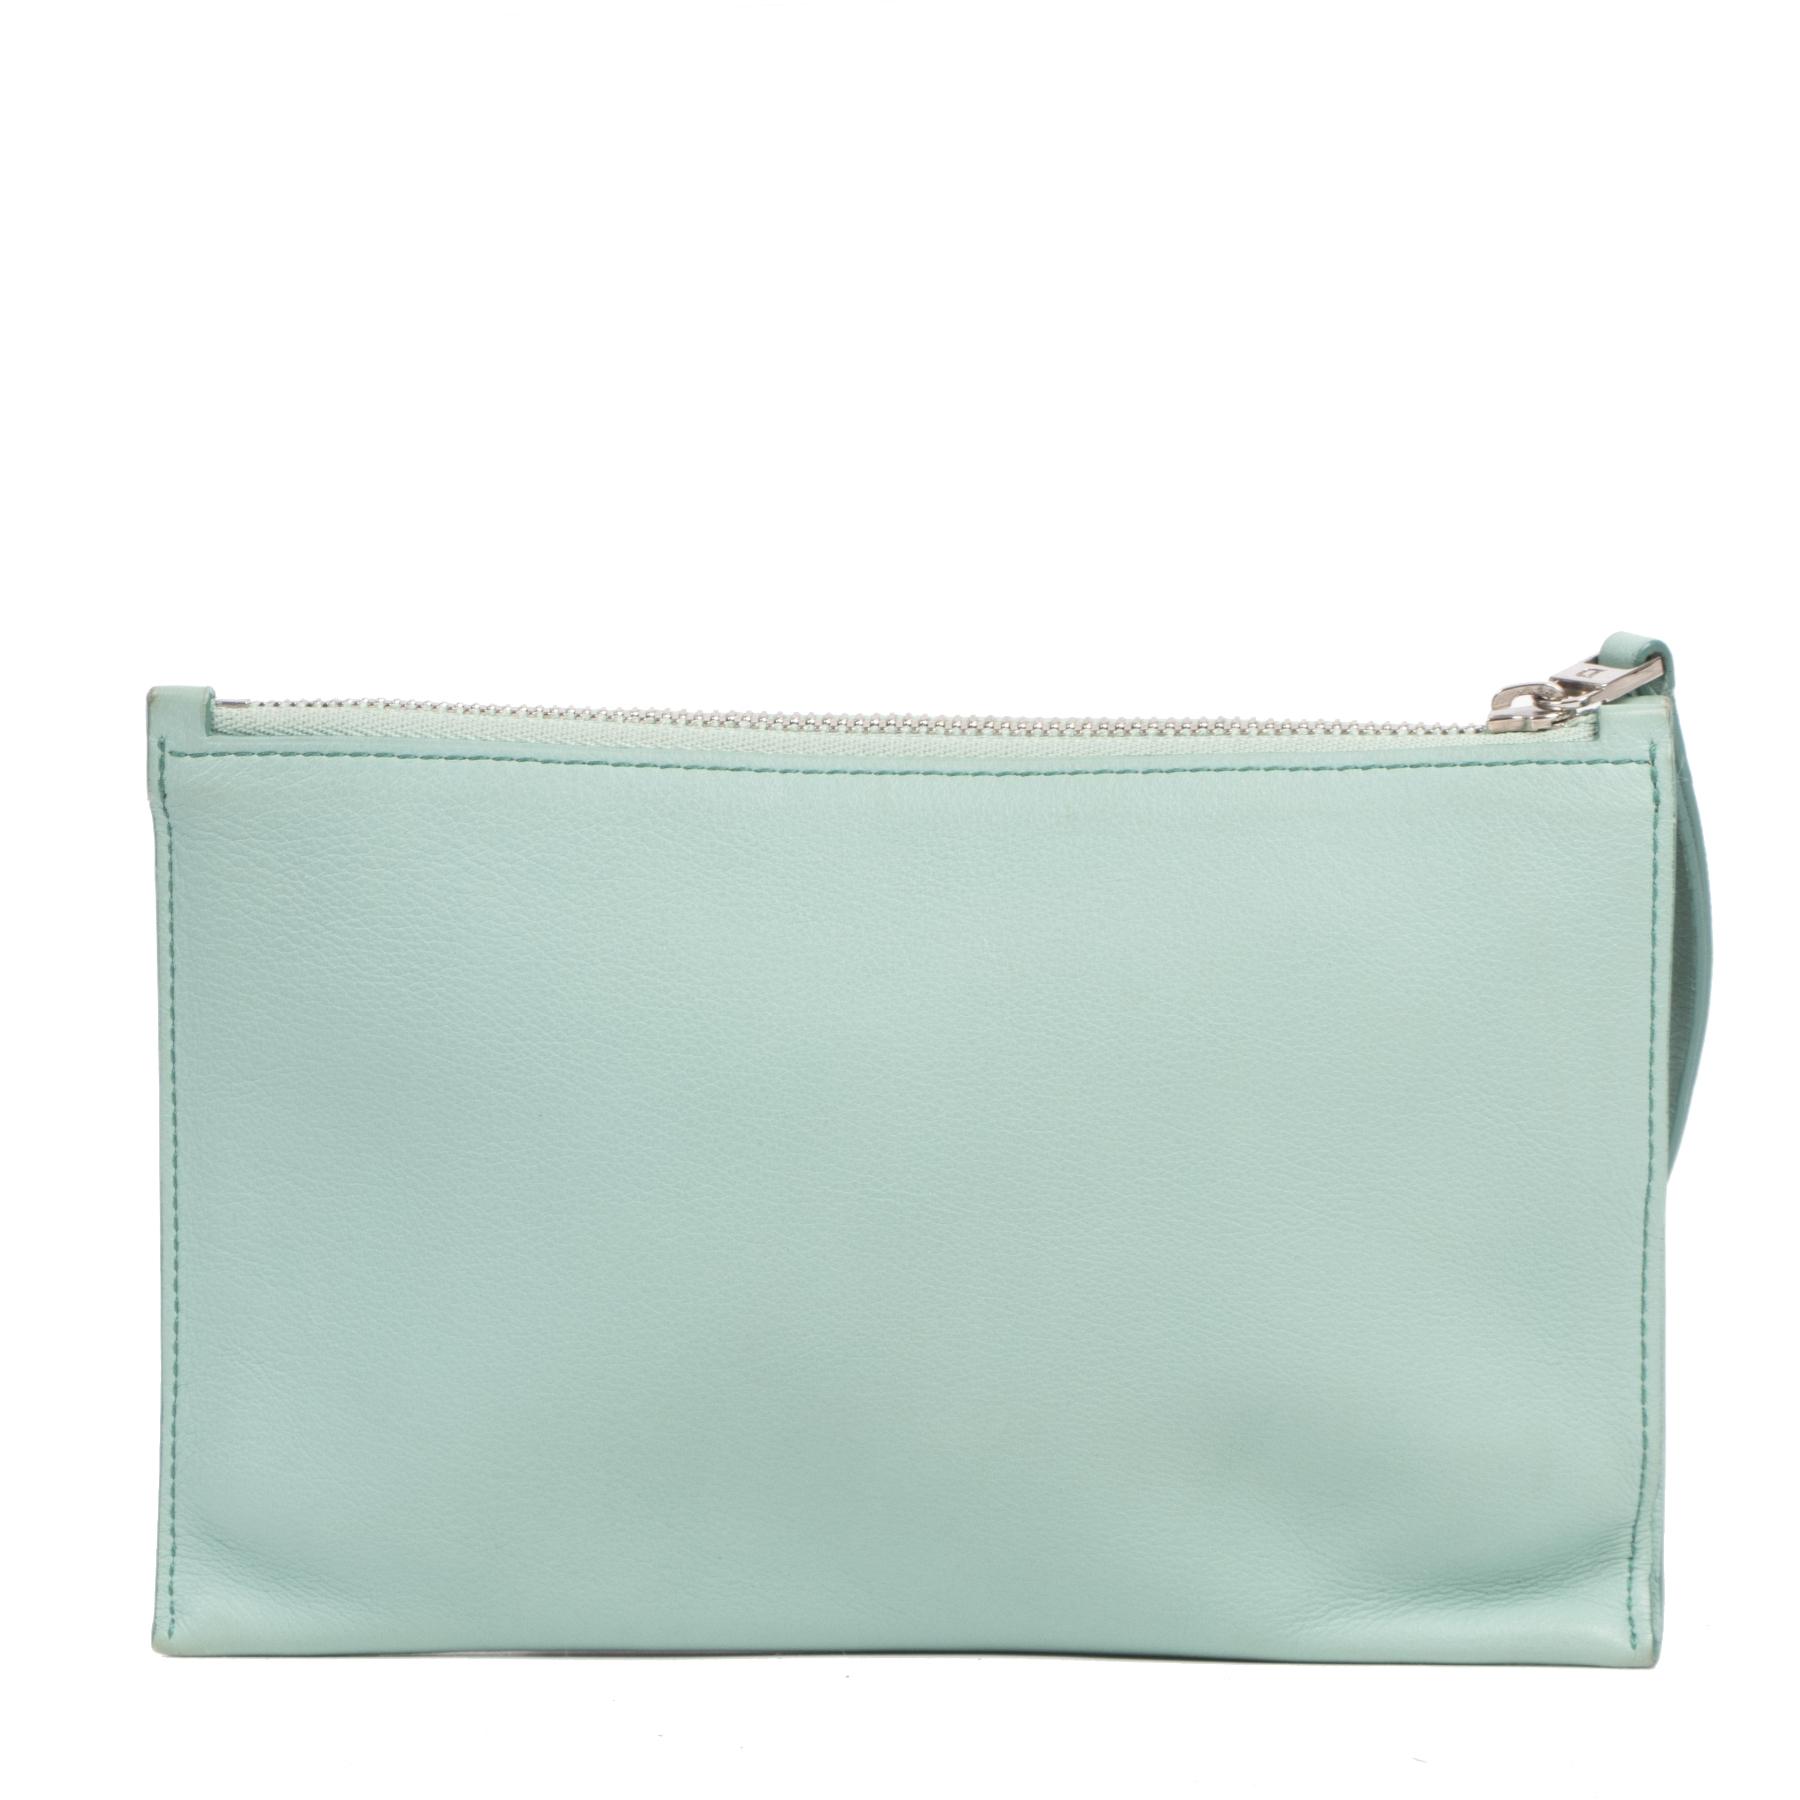 Authentieke Tweedehands Delvaux Mint Blue Zip Wallet Pouch juiste prijs veilig online shoppen luxe merken webshop winkelen Antwerpen België mode fashion